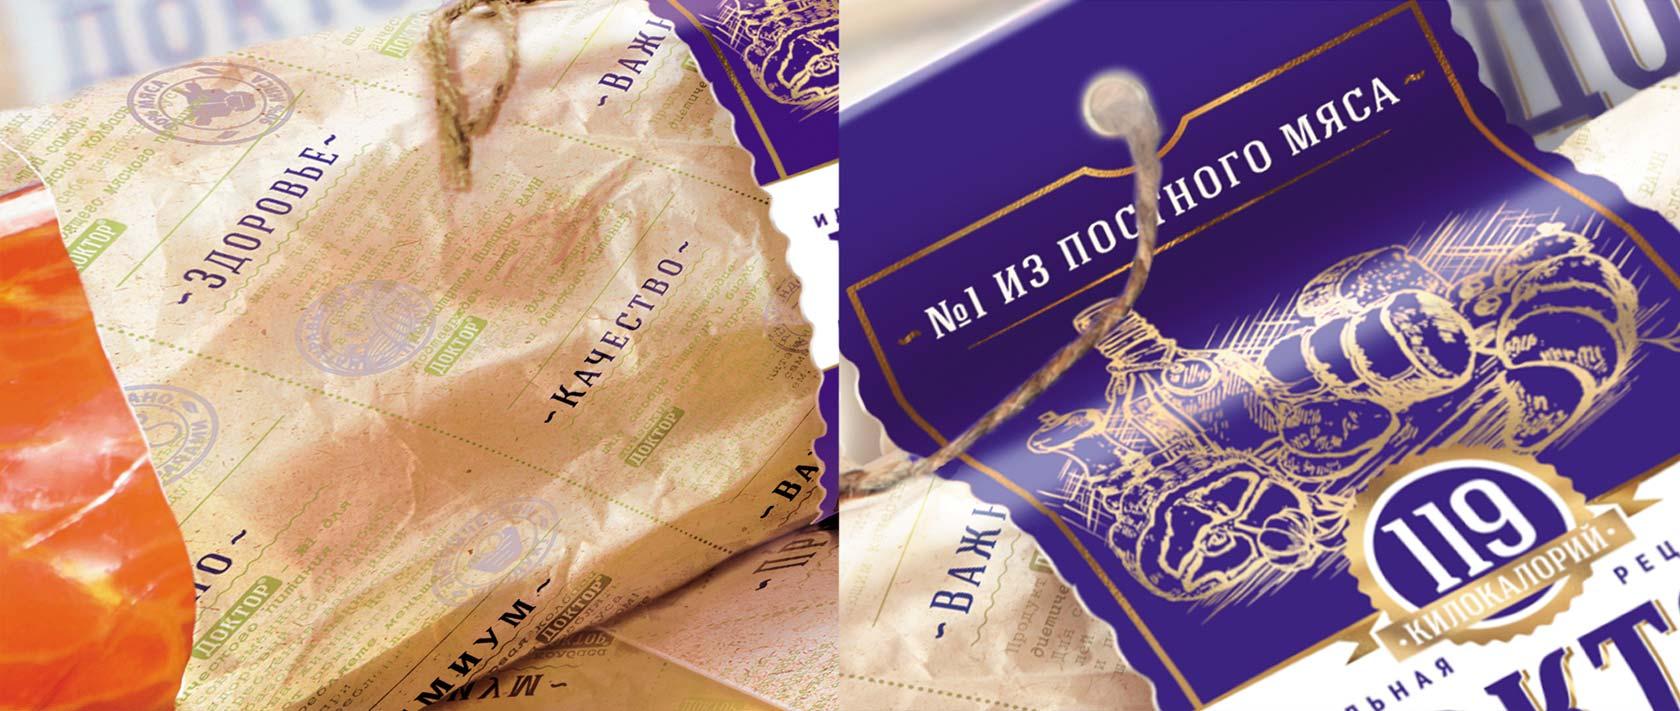 Фотография нового дизайна упаковки колбасы Доктор